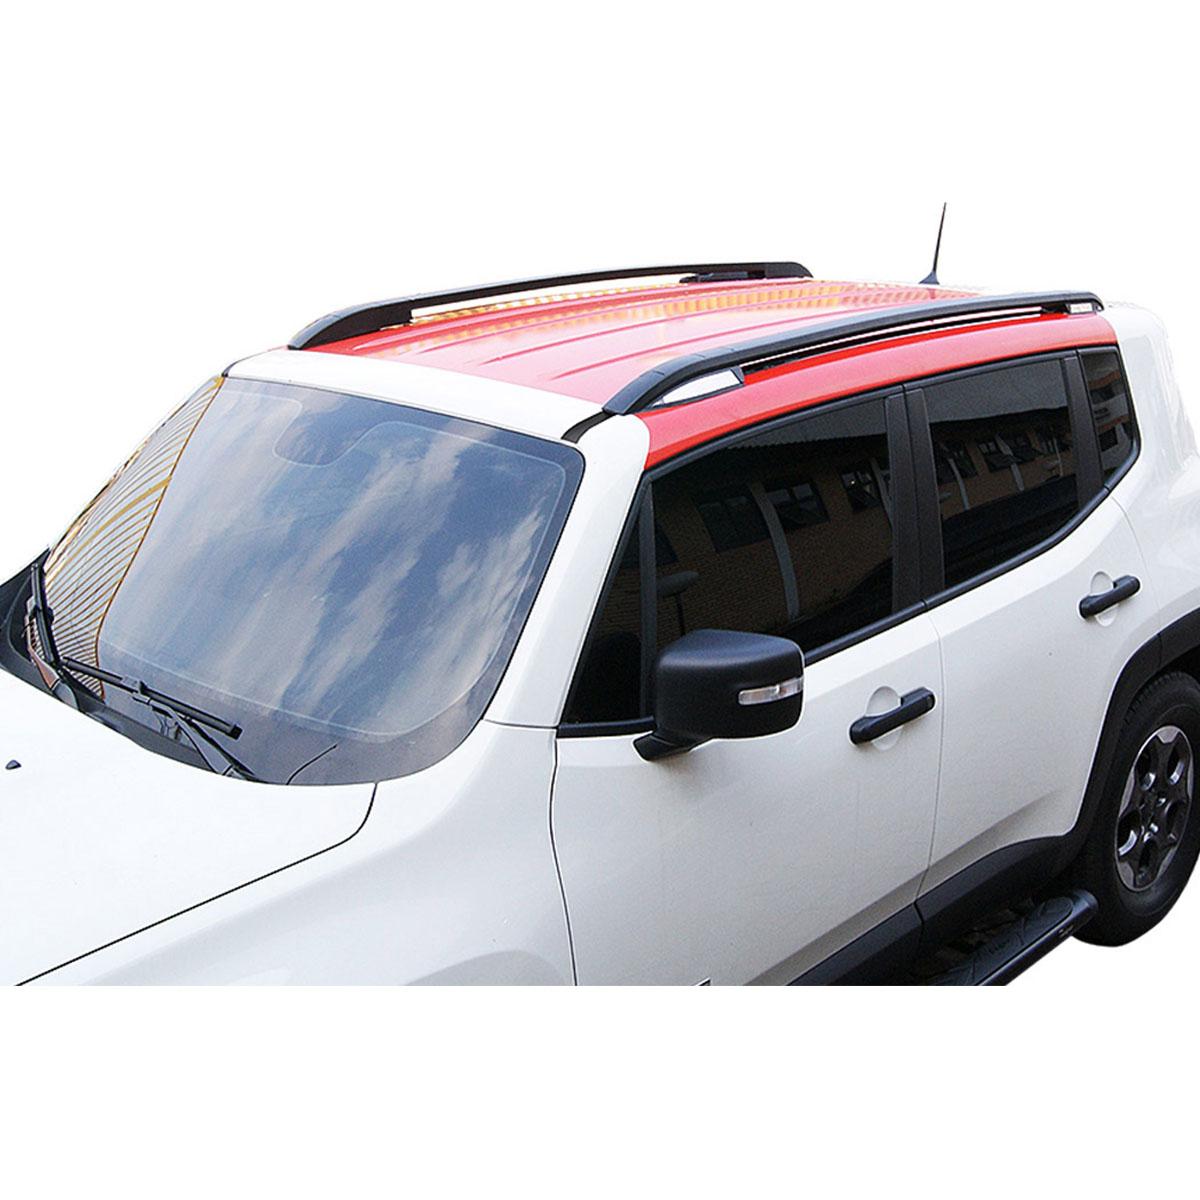 Longarina rack de teto Jeep Renegade 2016 a 2018 alumínio cor preta